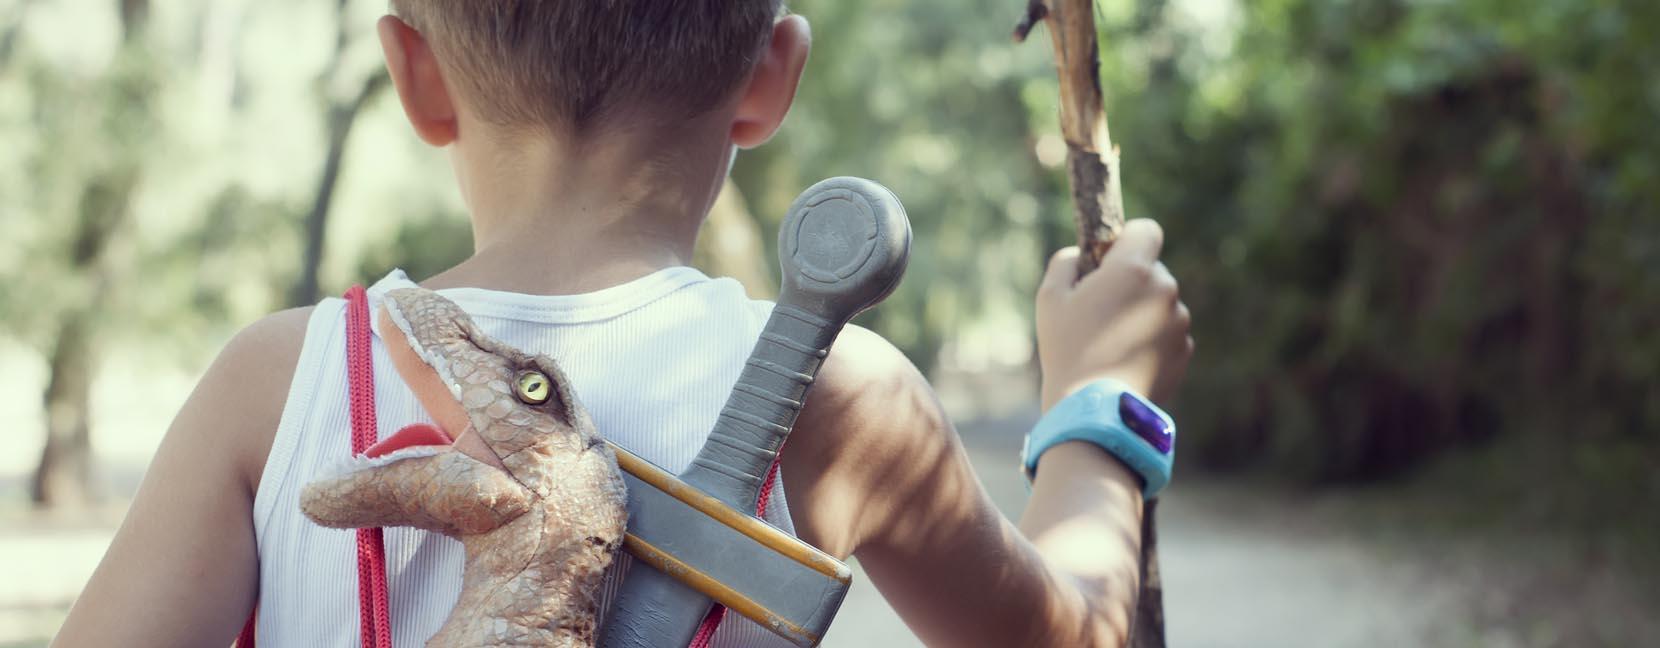 Bambino cammina all'avventura con bastone in mano e zainetto con spada e dinosauro